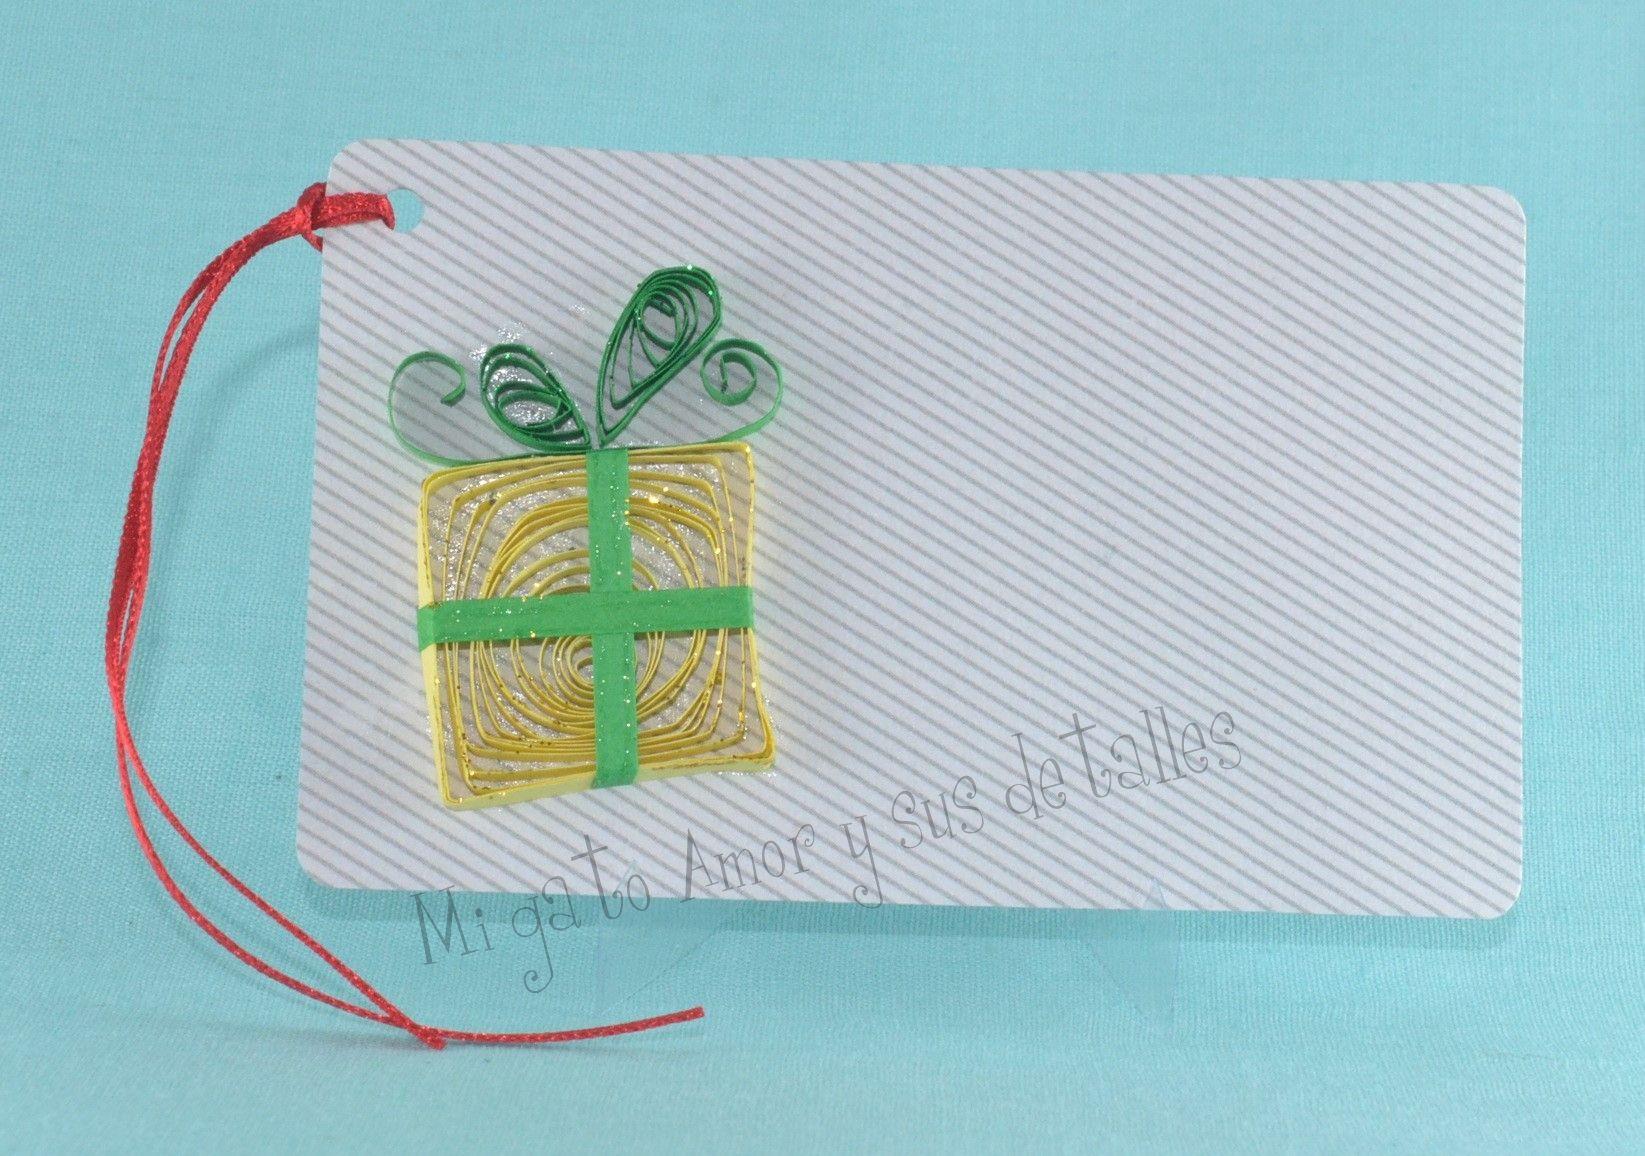 https://www.facebook.com/774329512614504/photos/pb.774329512614504.-2207520000.1453691885./900217966692324/?type=3&theater  Tag de caja de regalo para decorar tu regalos de #Navidad.